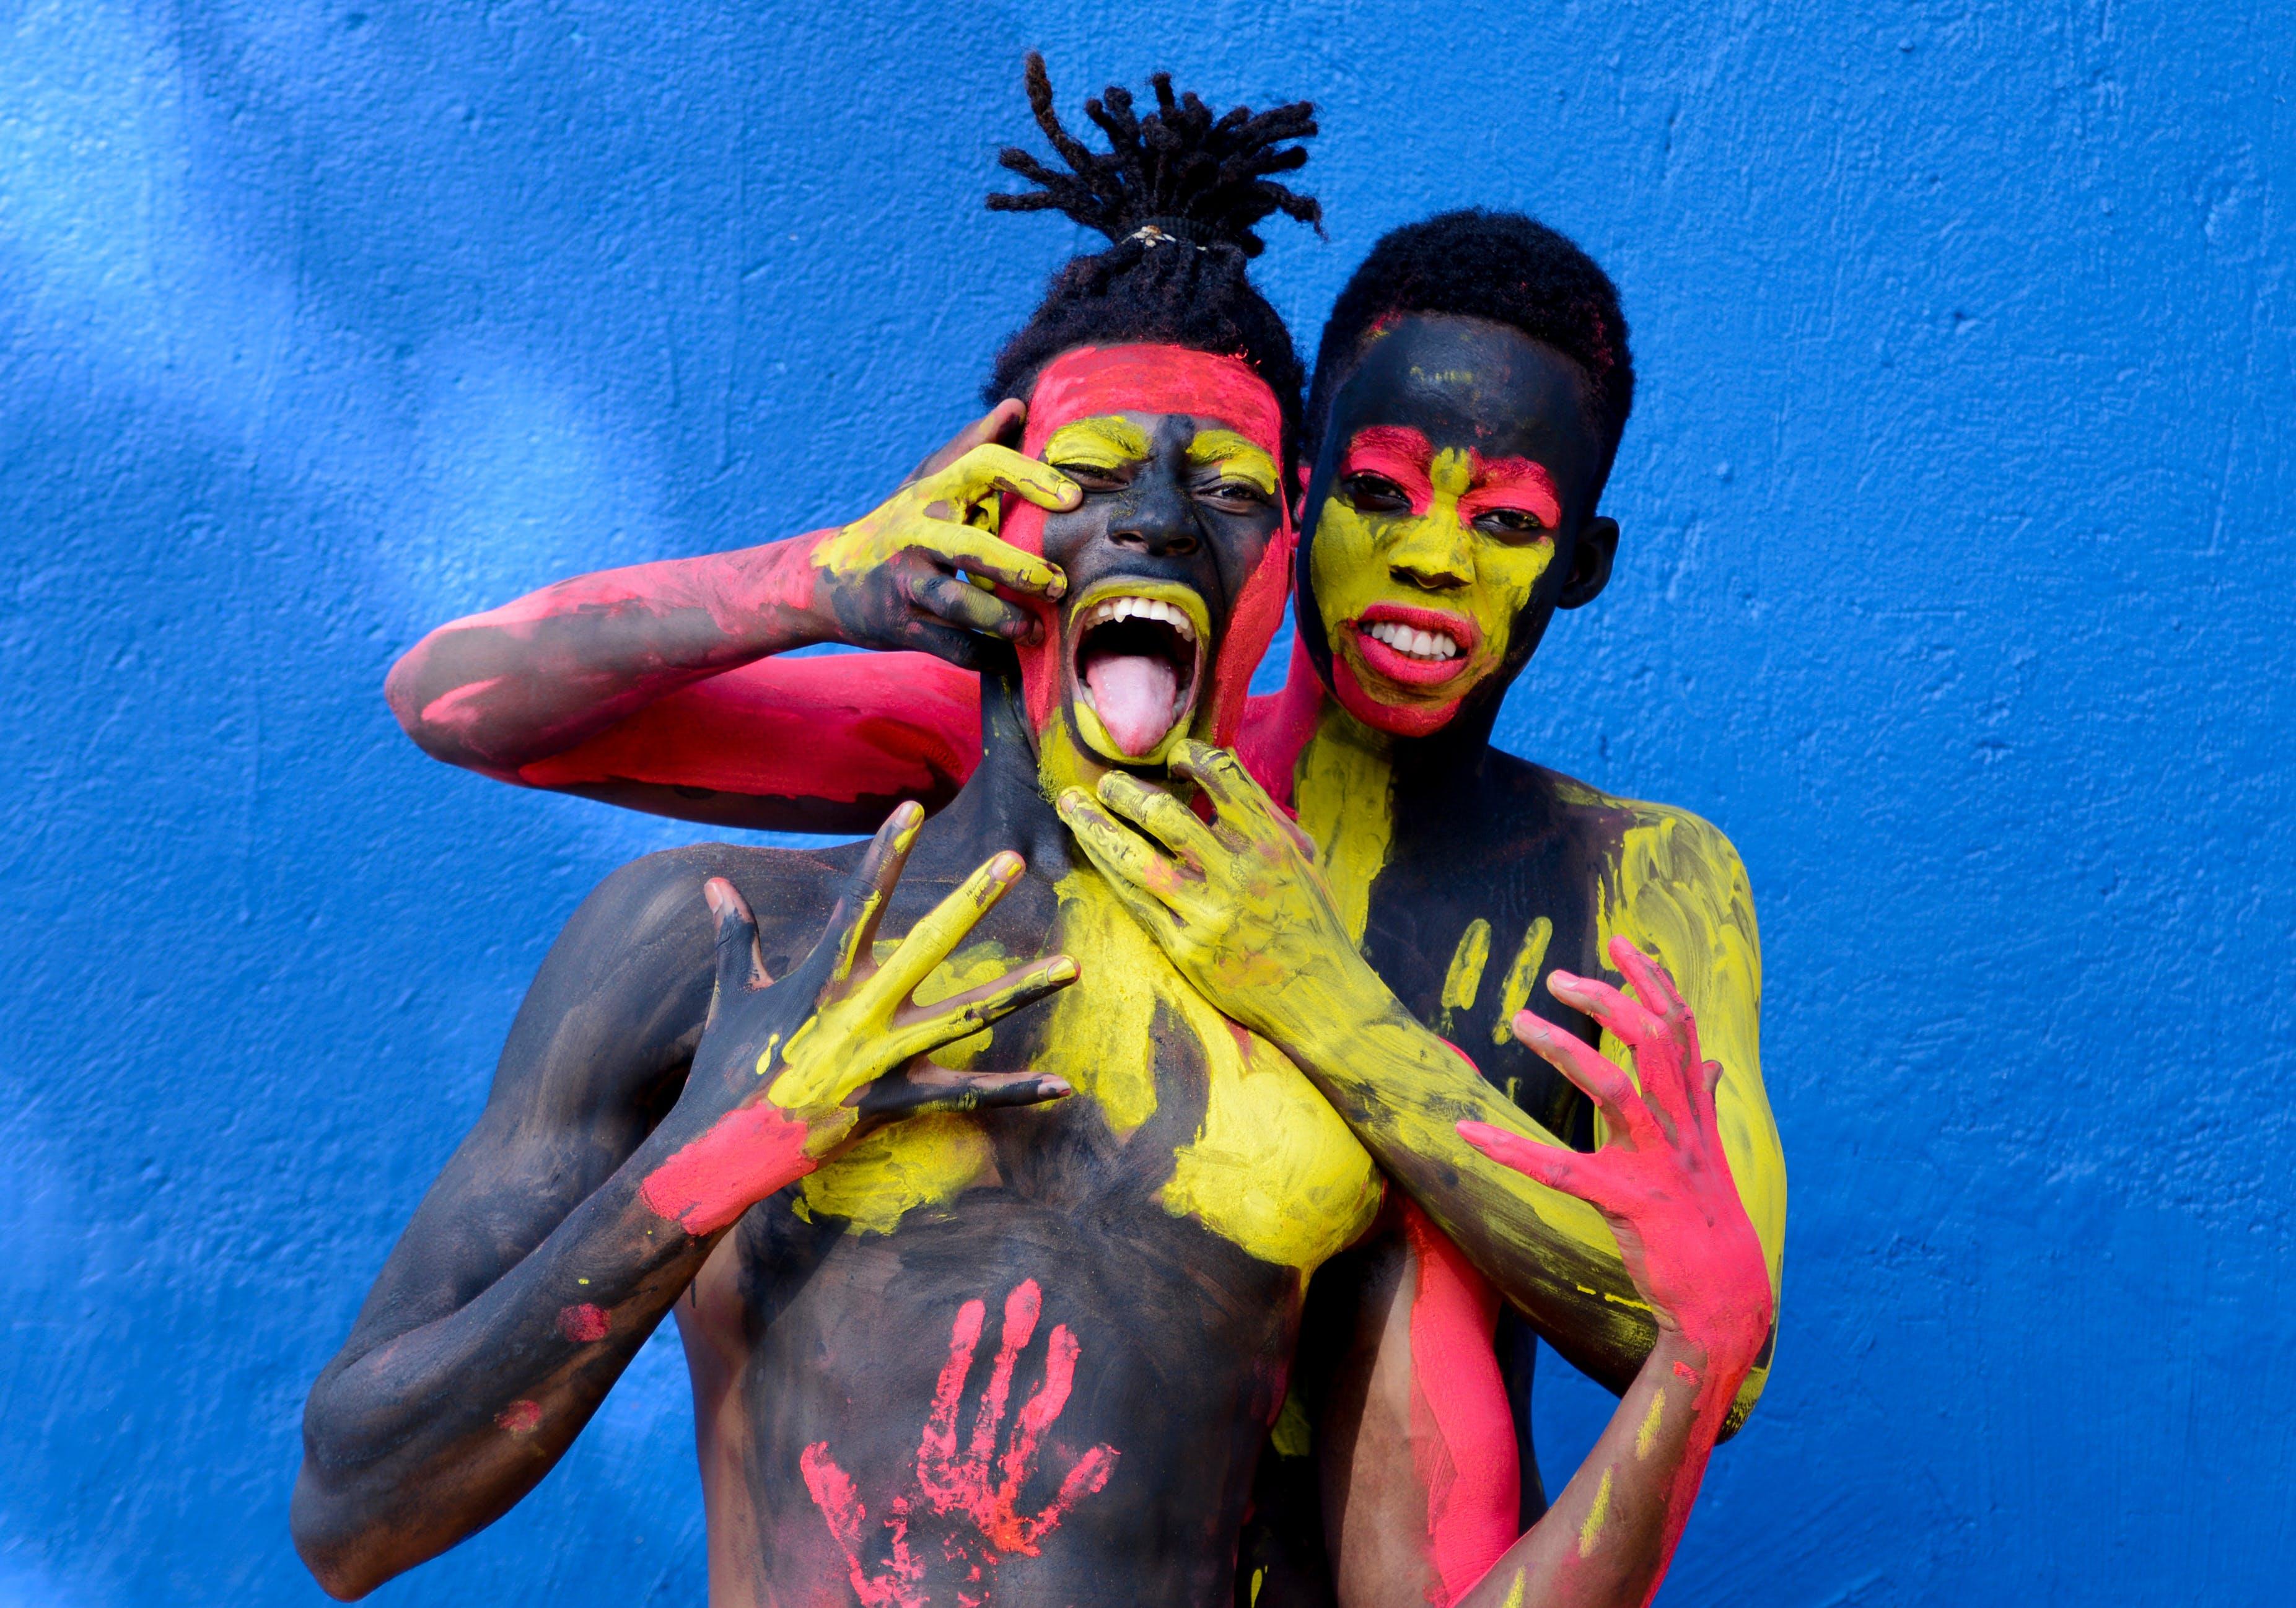 Man Beside a Woman in Body Paint